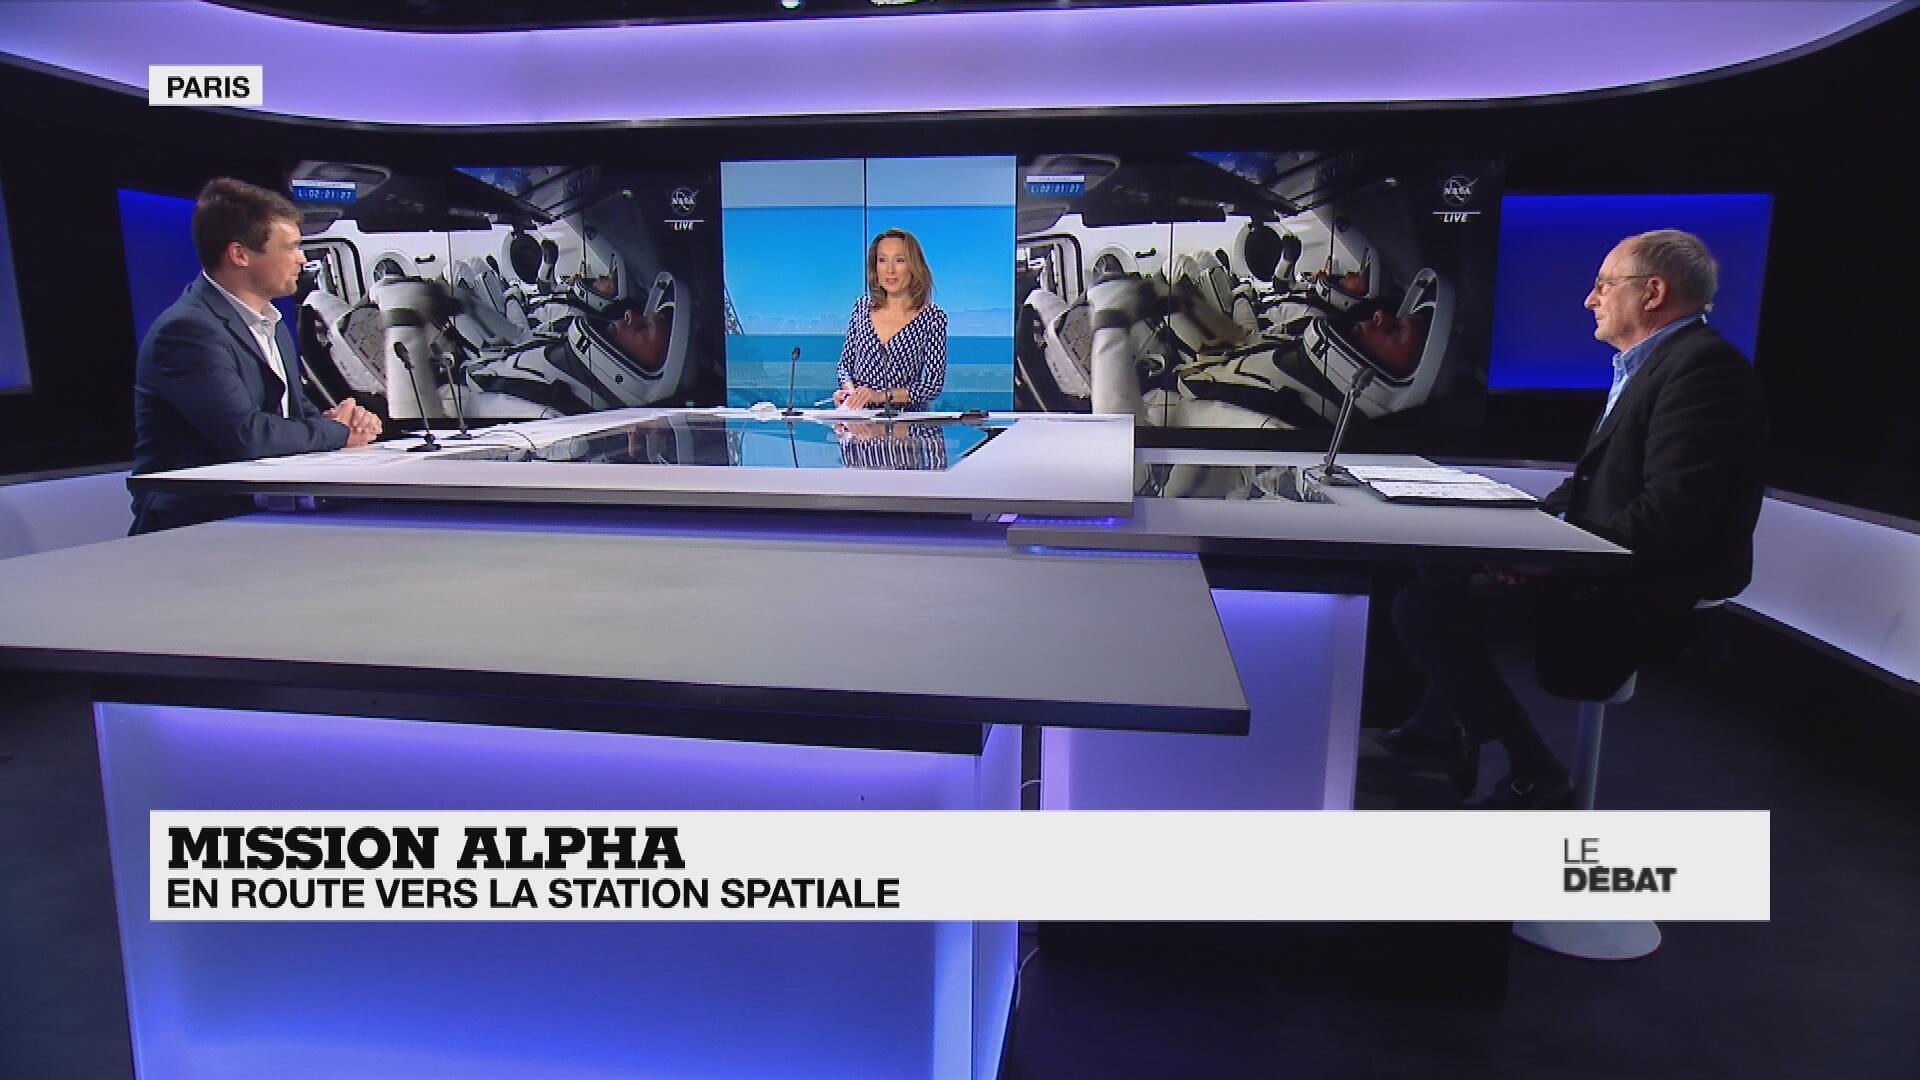 Le Débat de France 24 - vendredi 23 avril 2021